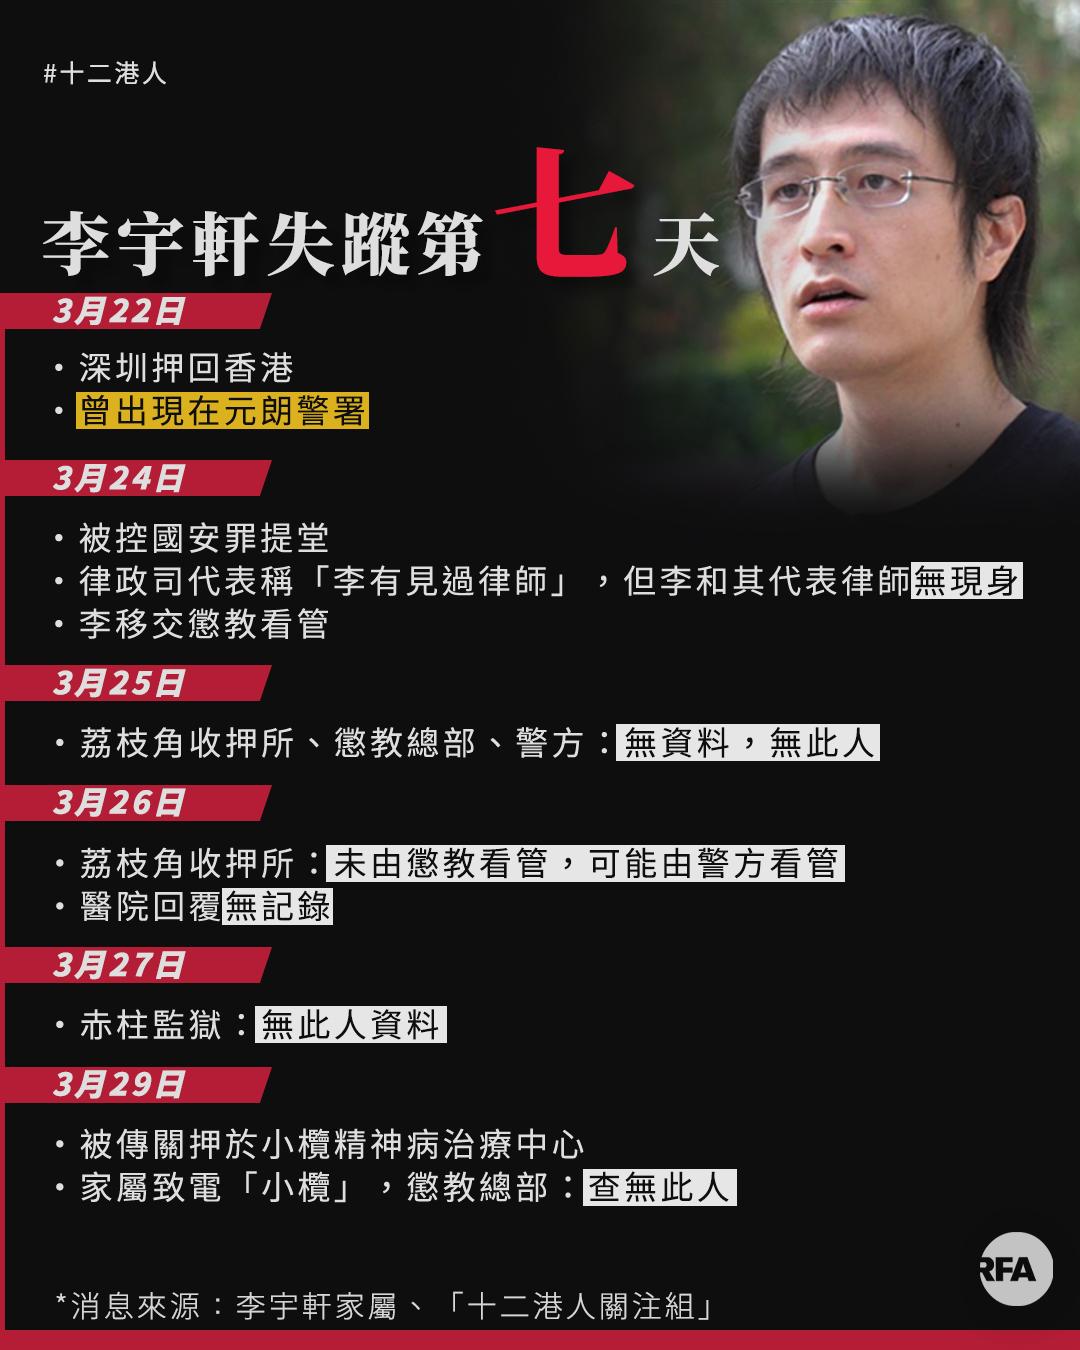 本台整理李宇轩回港后「失踪」情况。(粤语组制图)